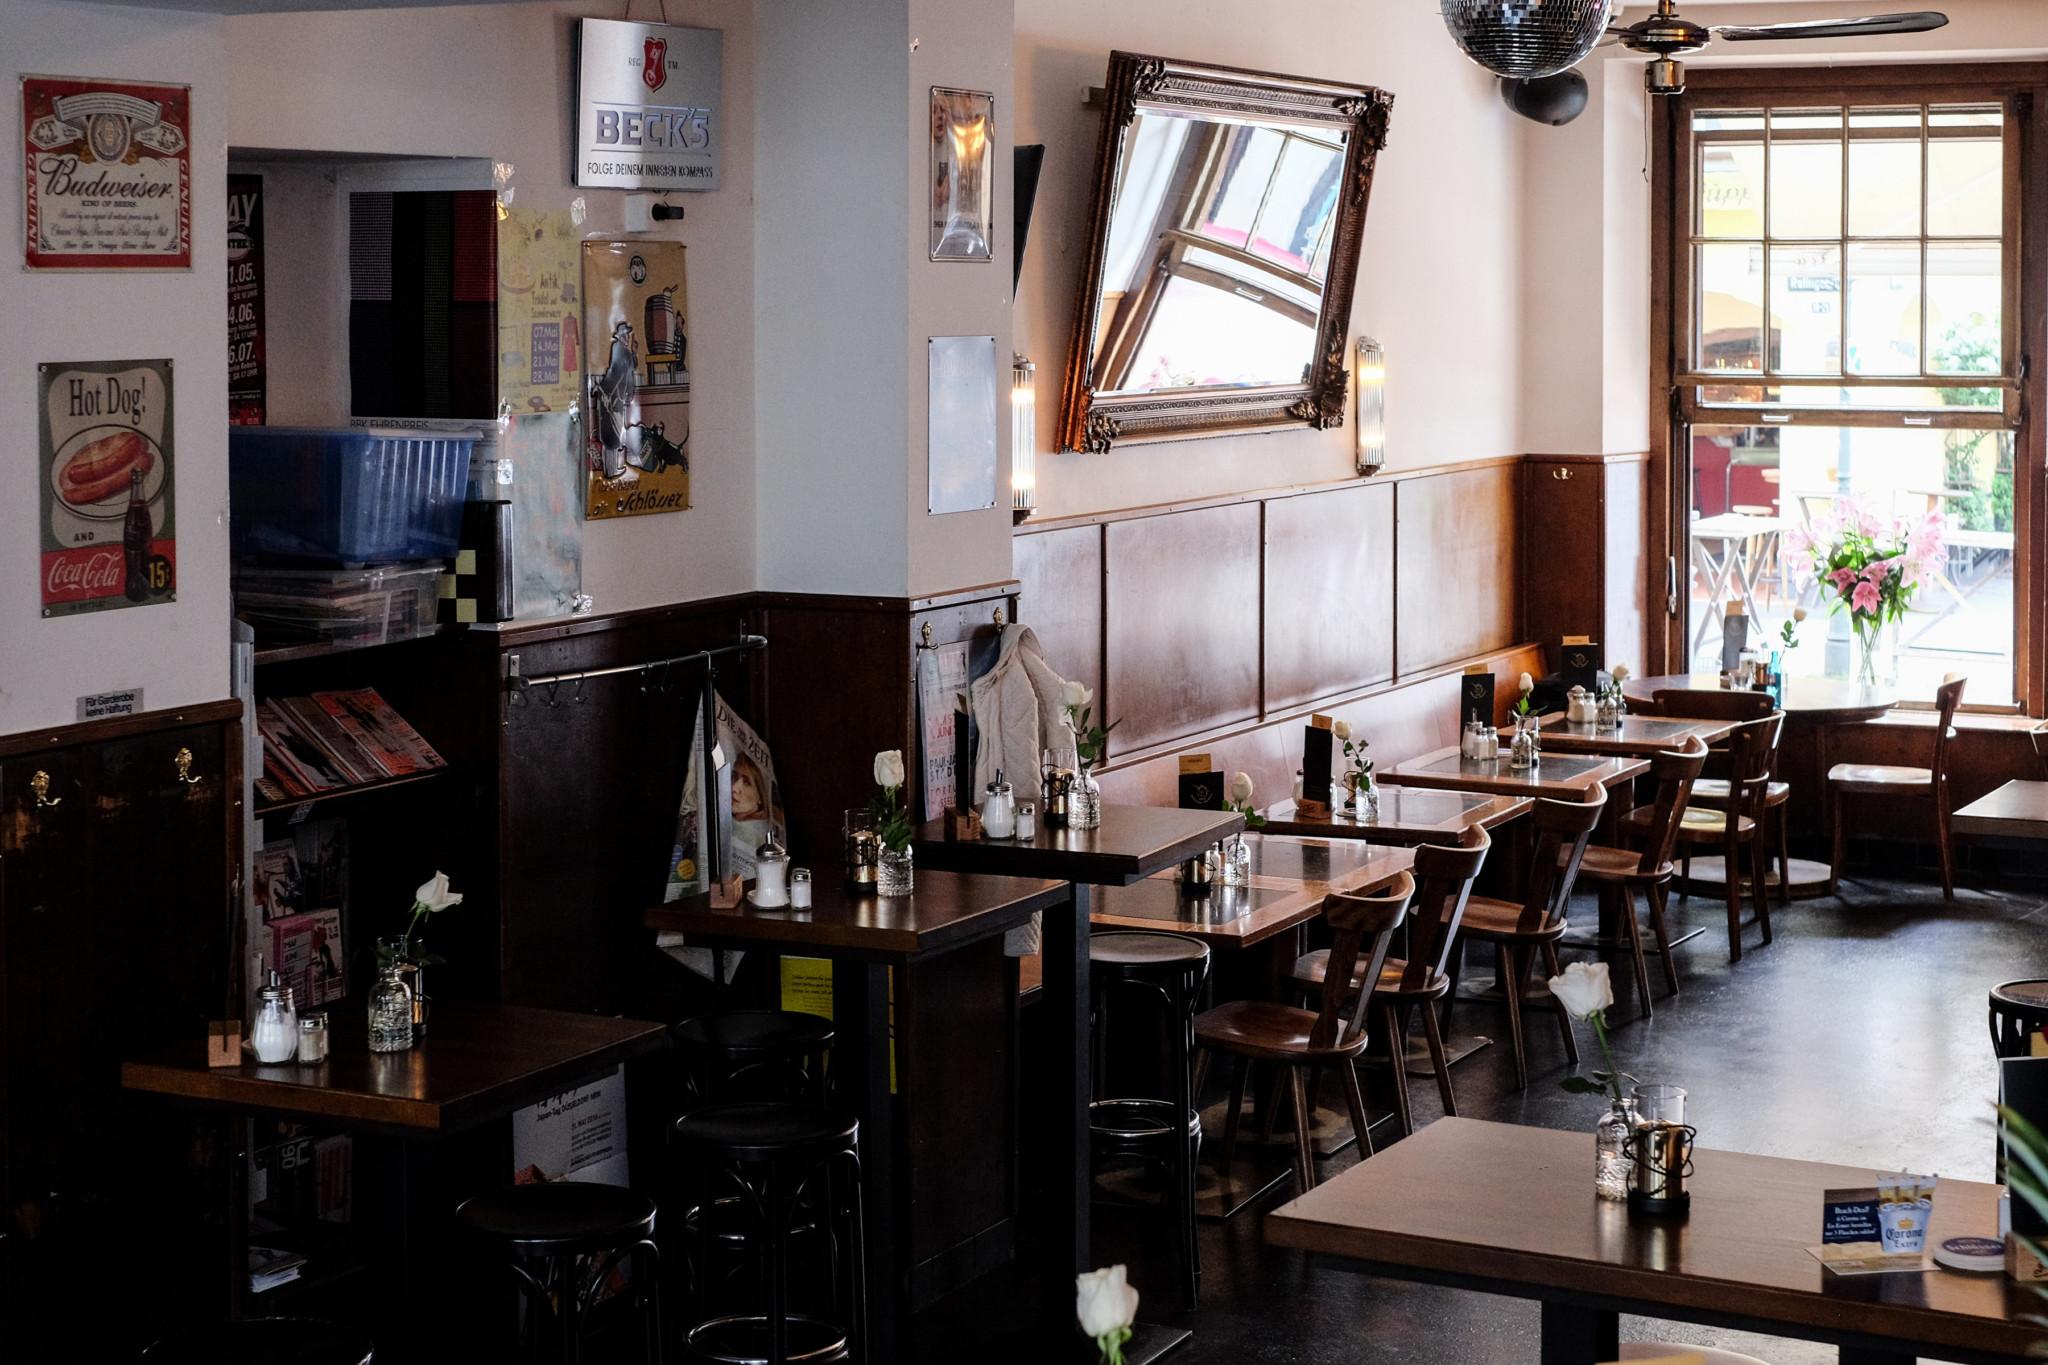 zum goldenen einhorn düsseldorf deutsches restaurant café lokal